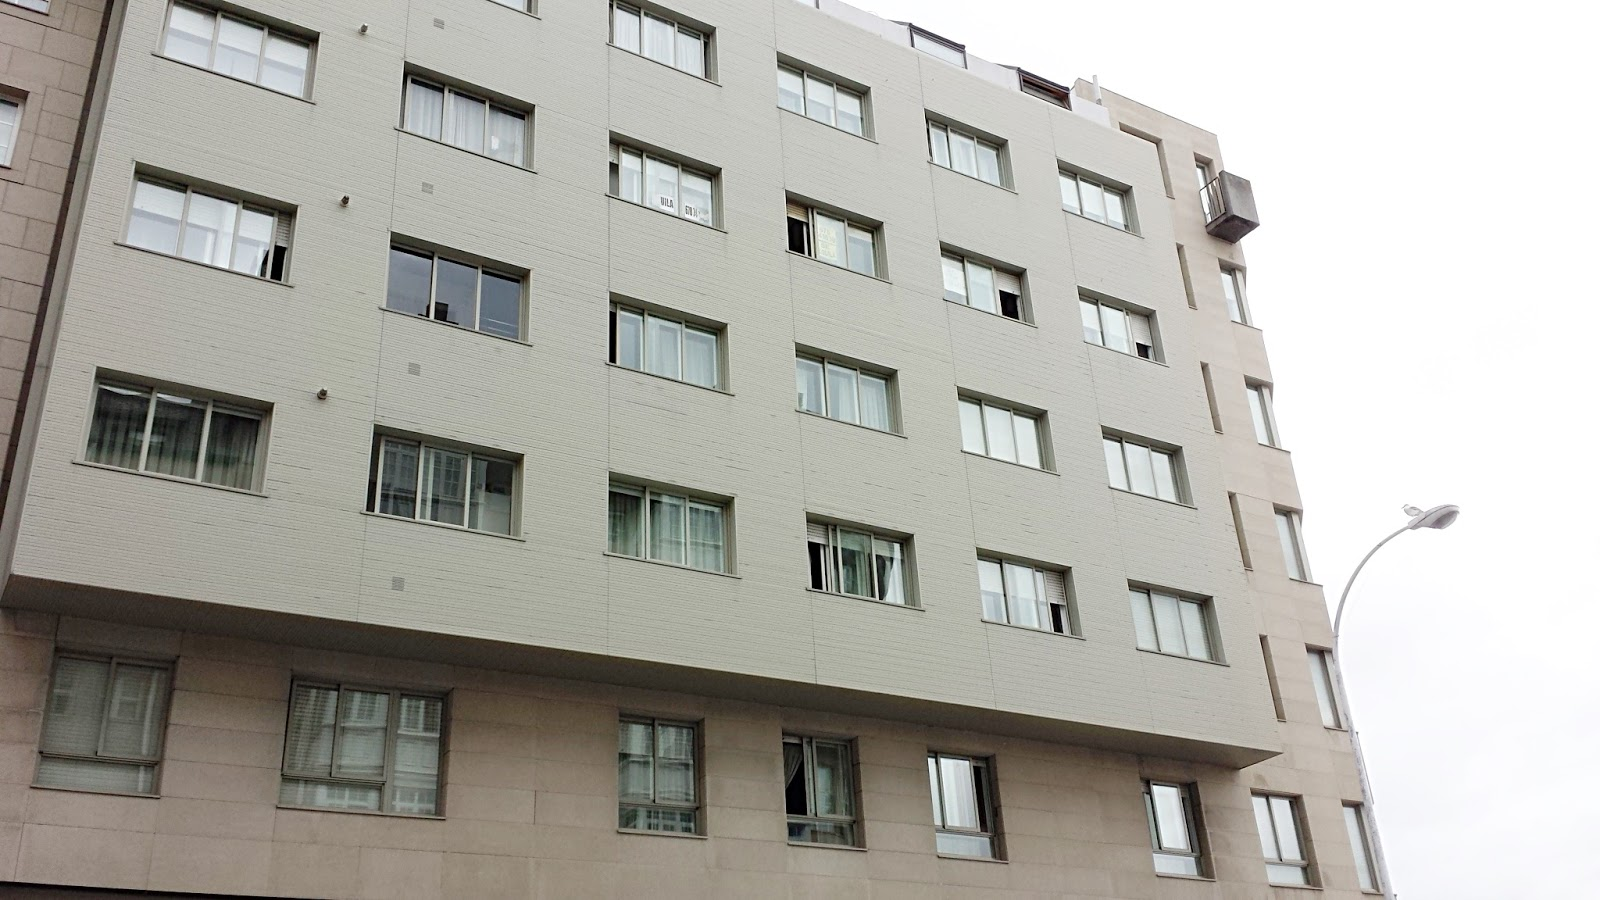 Viviendas coru a viviendas coru a piso de tres for Pisos para alquilar en coruna